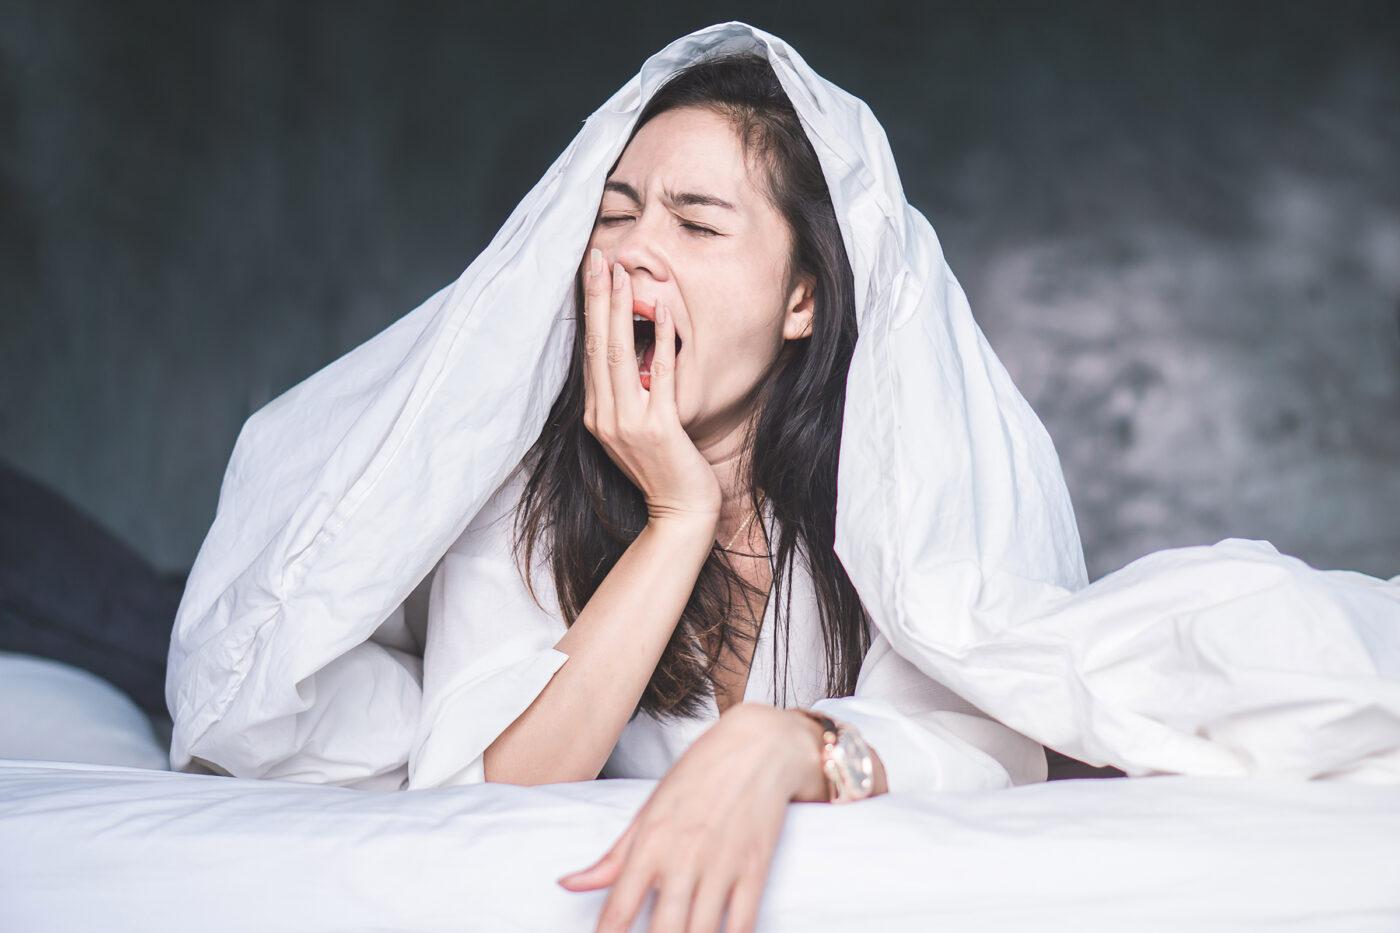 дефицит магнезий инсомния безсъние